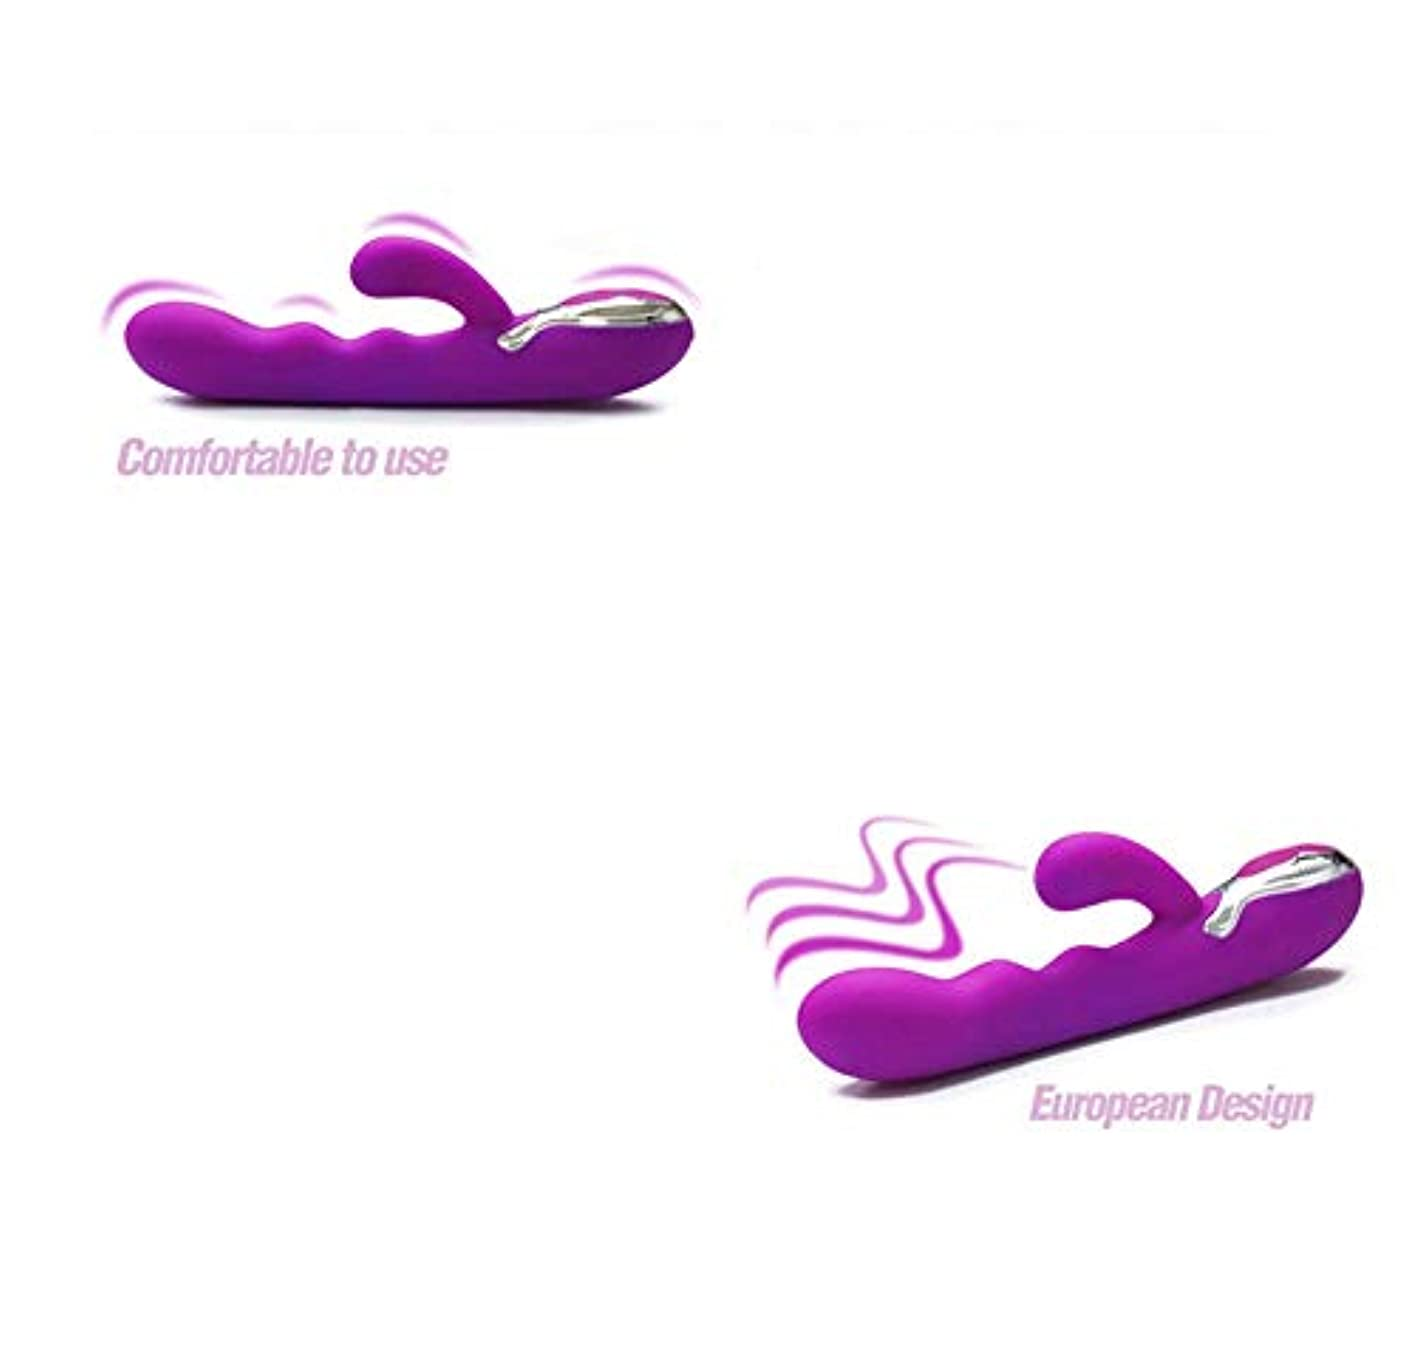 すべてコーチ雰囲気KGJJHYBGTOY Sicone-icone Vibbrator Vibbbrator USB充電式バイブレーションMss-sger RELAX MASSAGE BODY